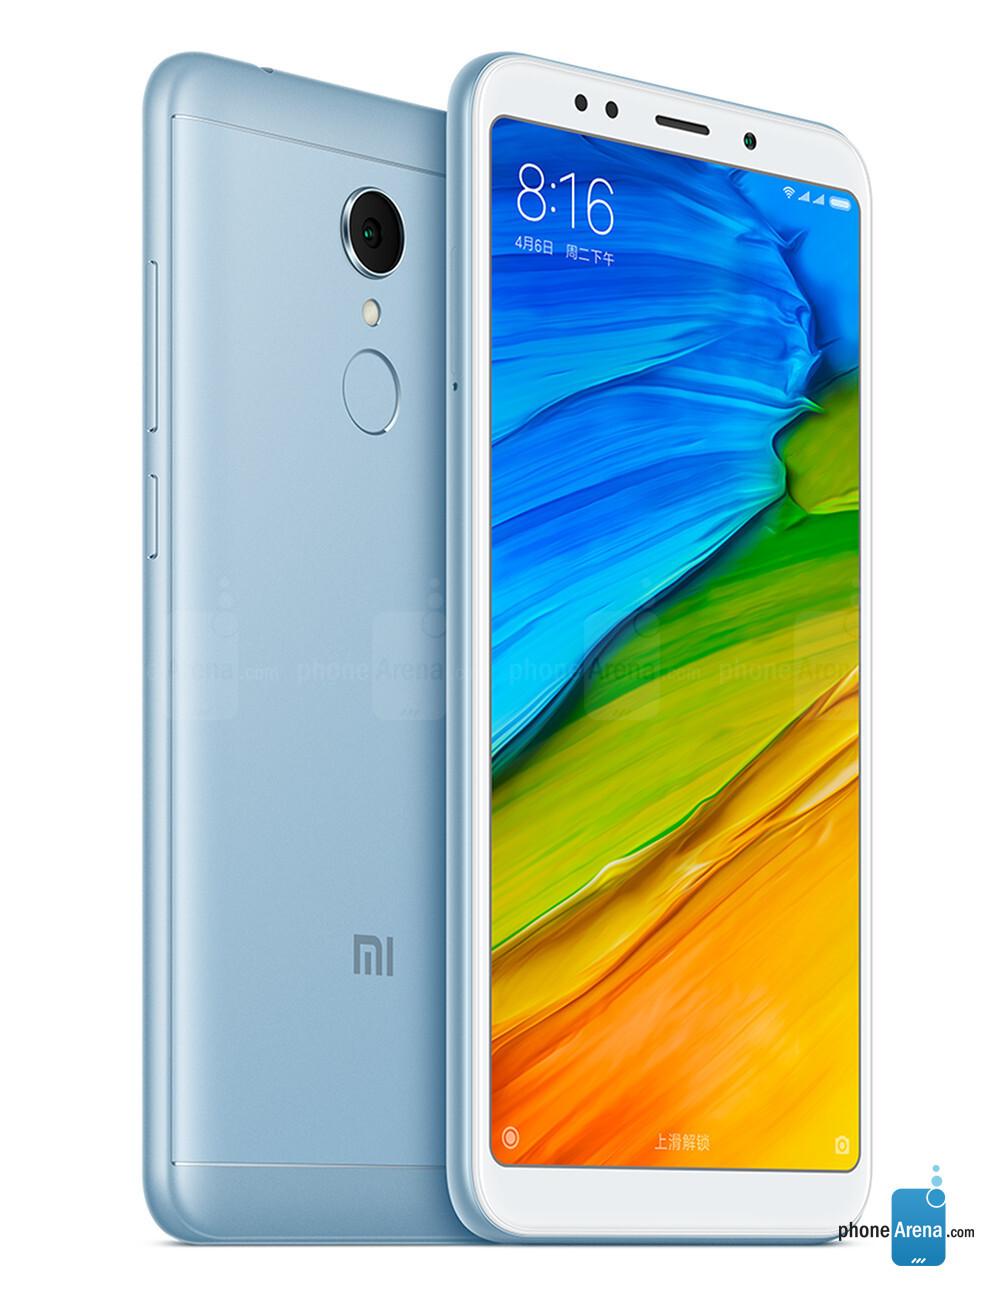 Xiaomi Redmi 5 specs